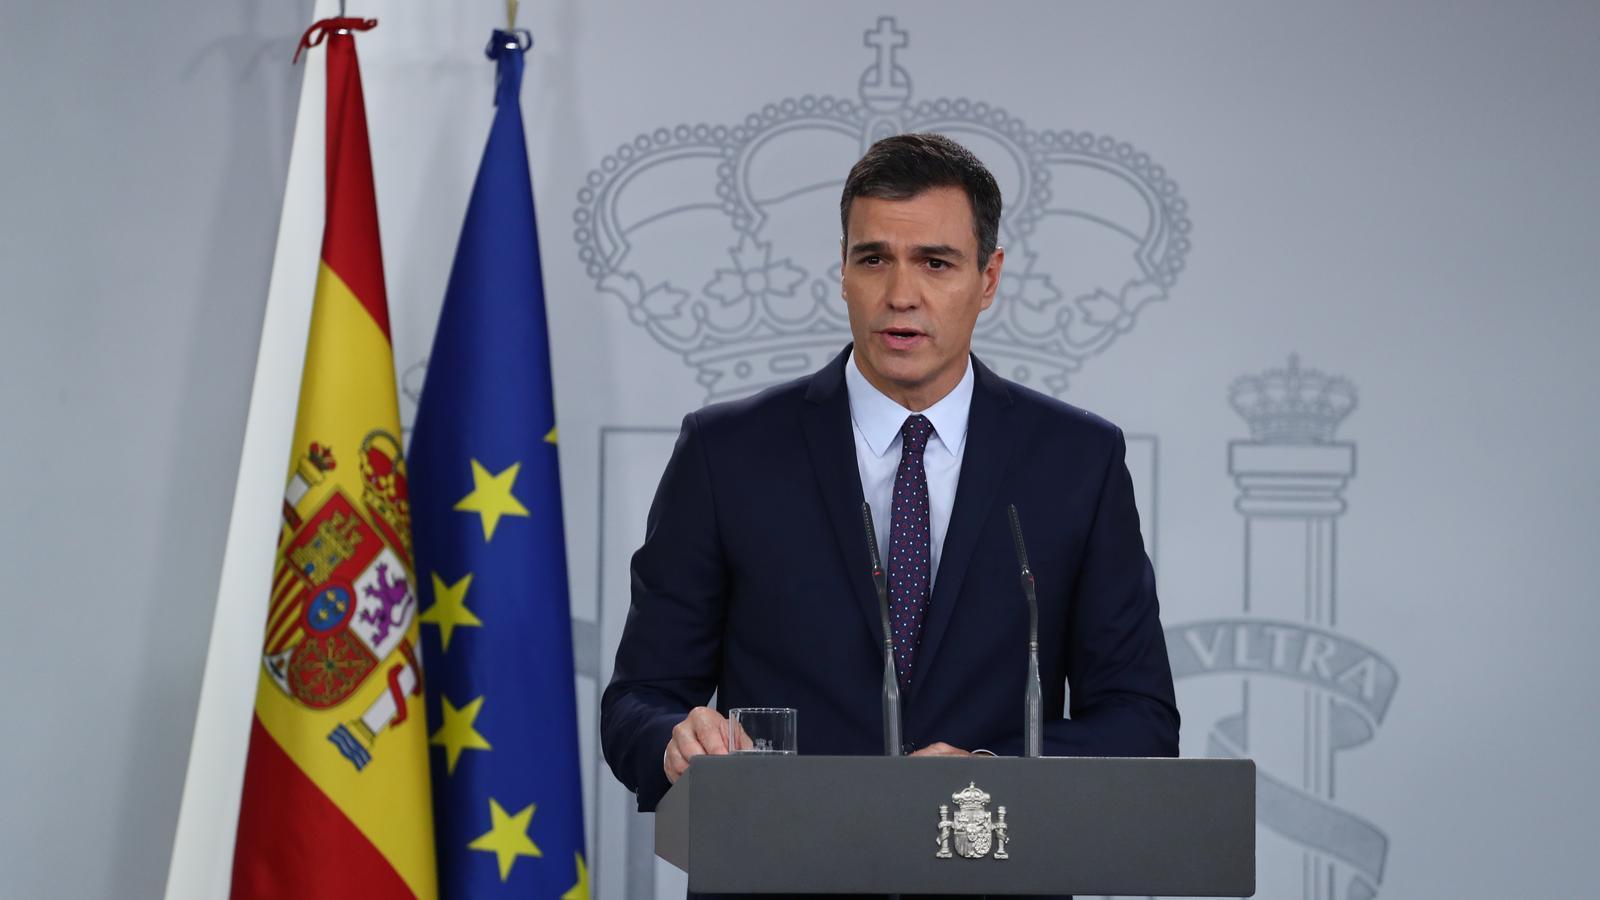 EN DIRECTE | Sánchez anuncia la pròrroga de l'estat d'alarma pel coronavirus fins el 26 d'abril